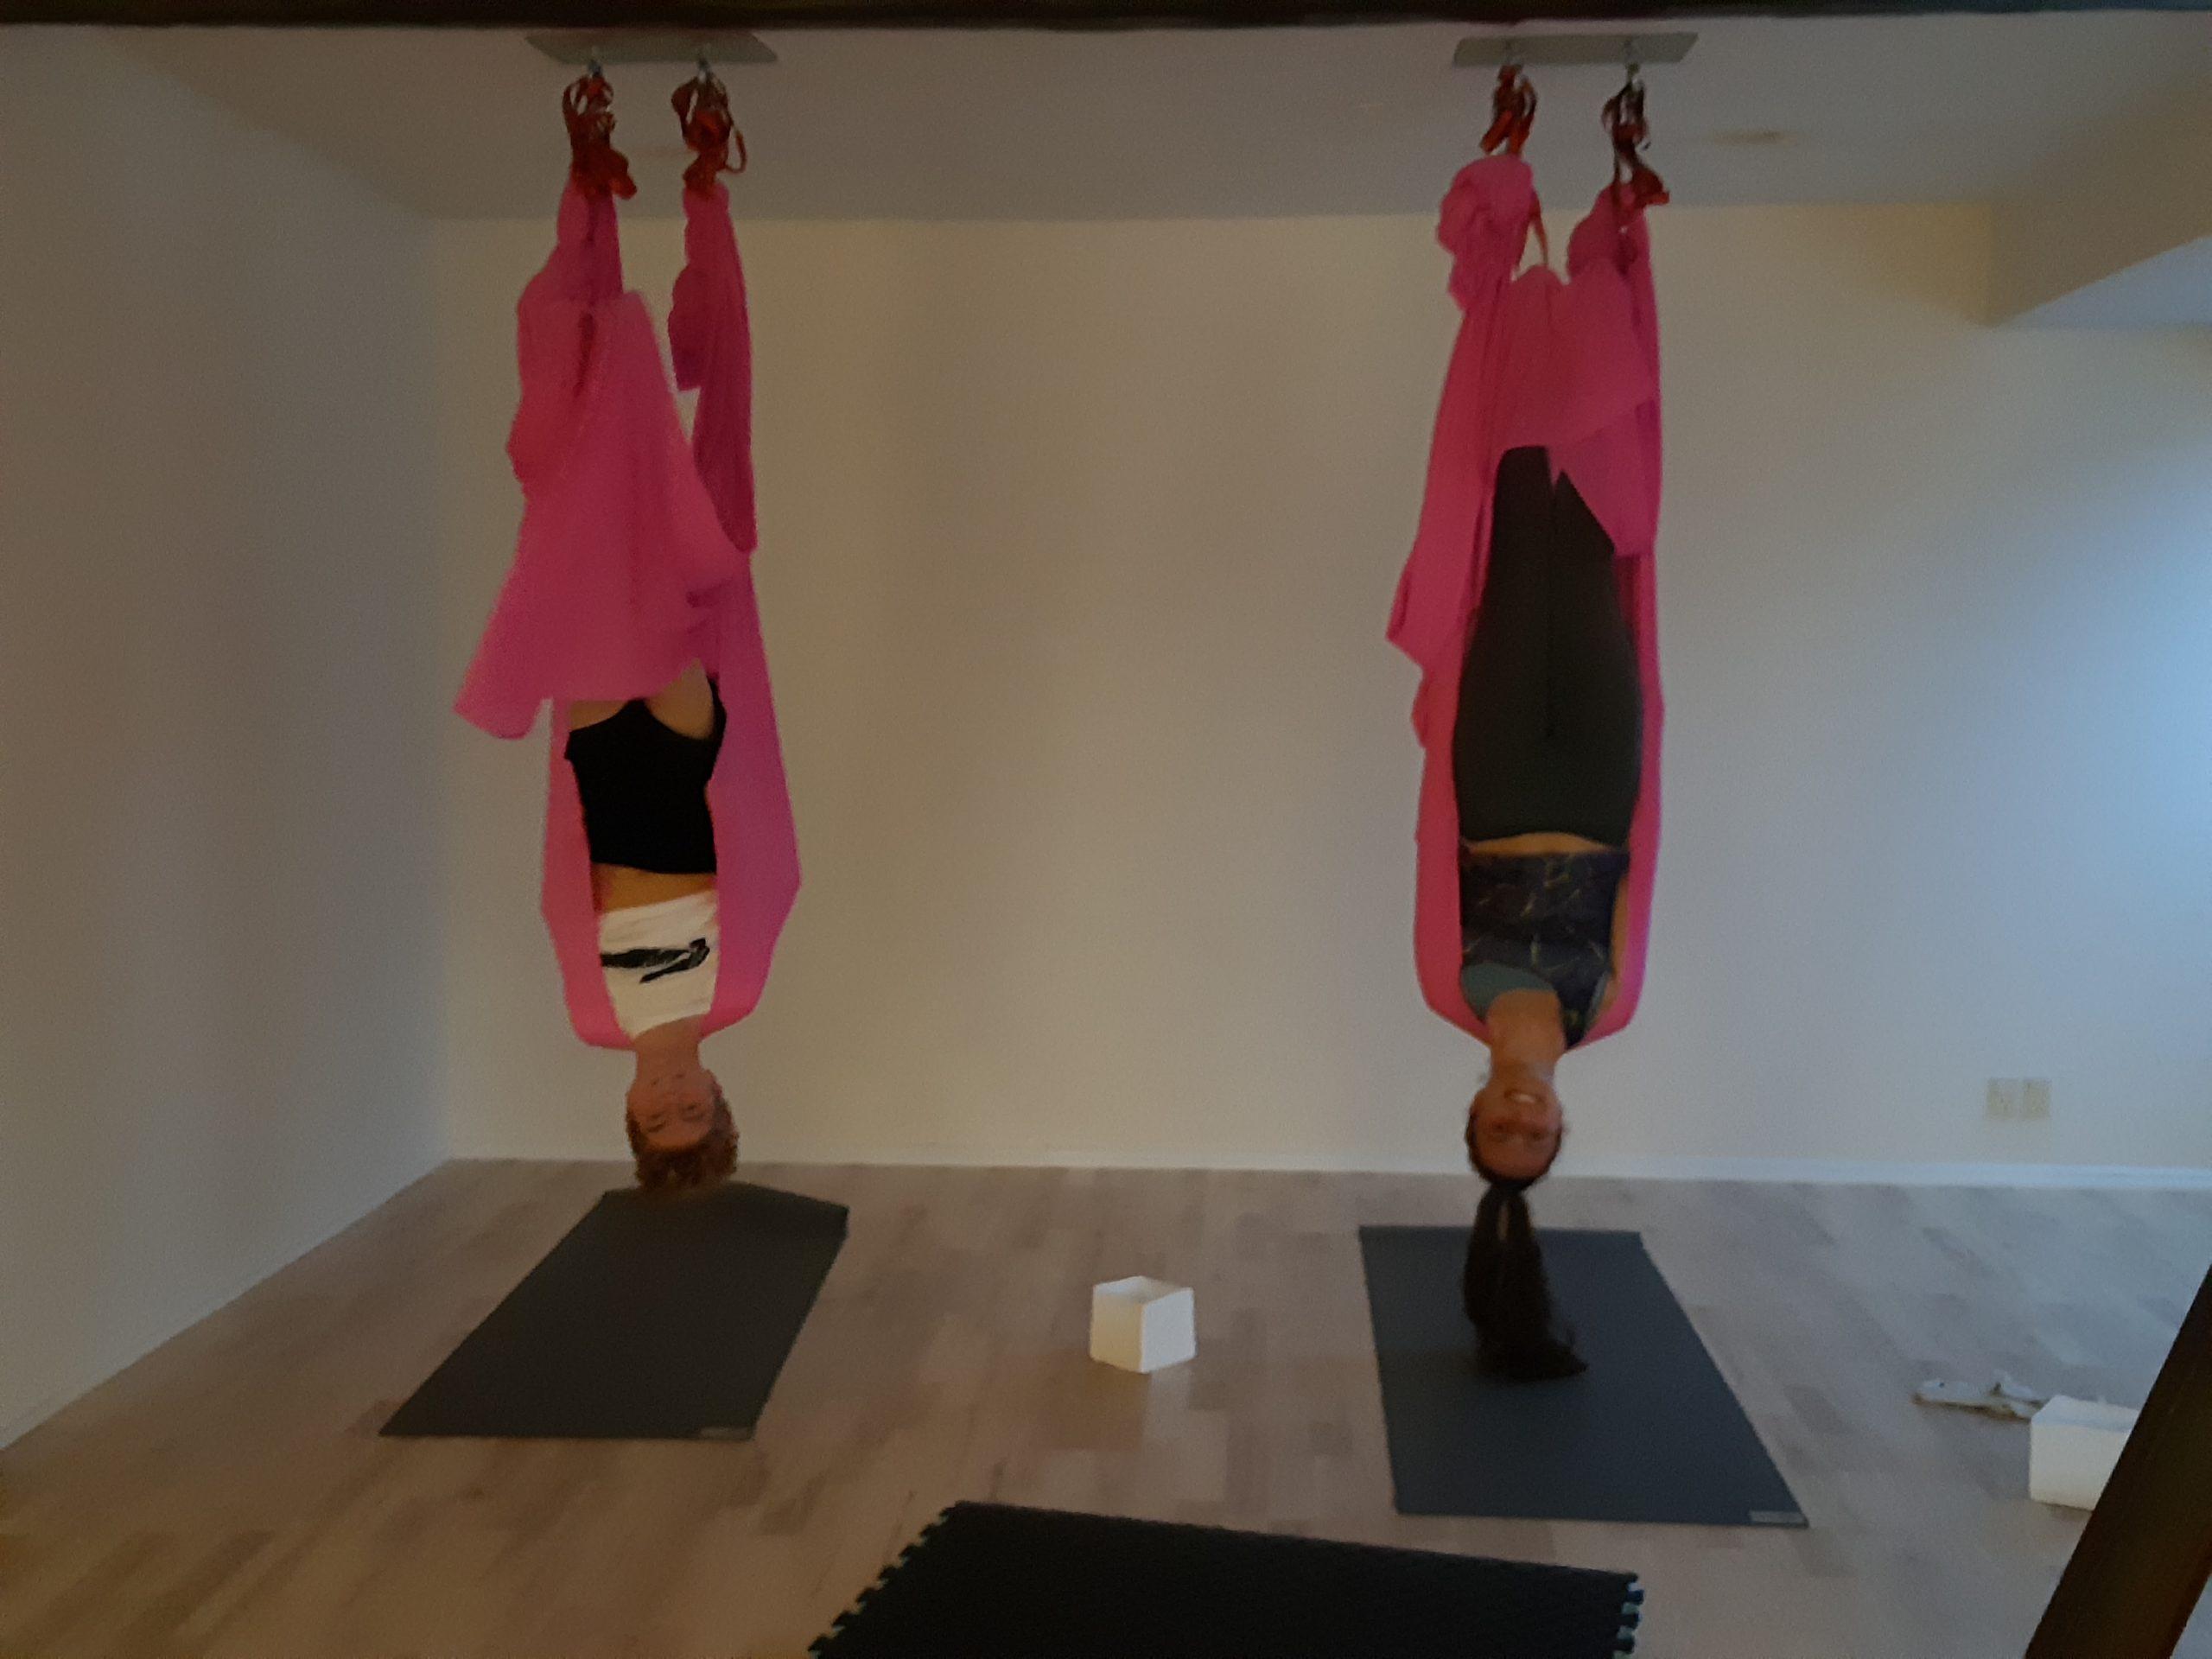 Aerial Yoga - lørdags-drop-in, kl. 10:45-12:00